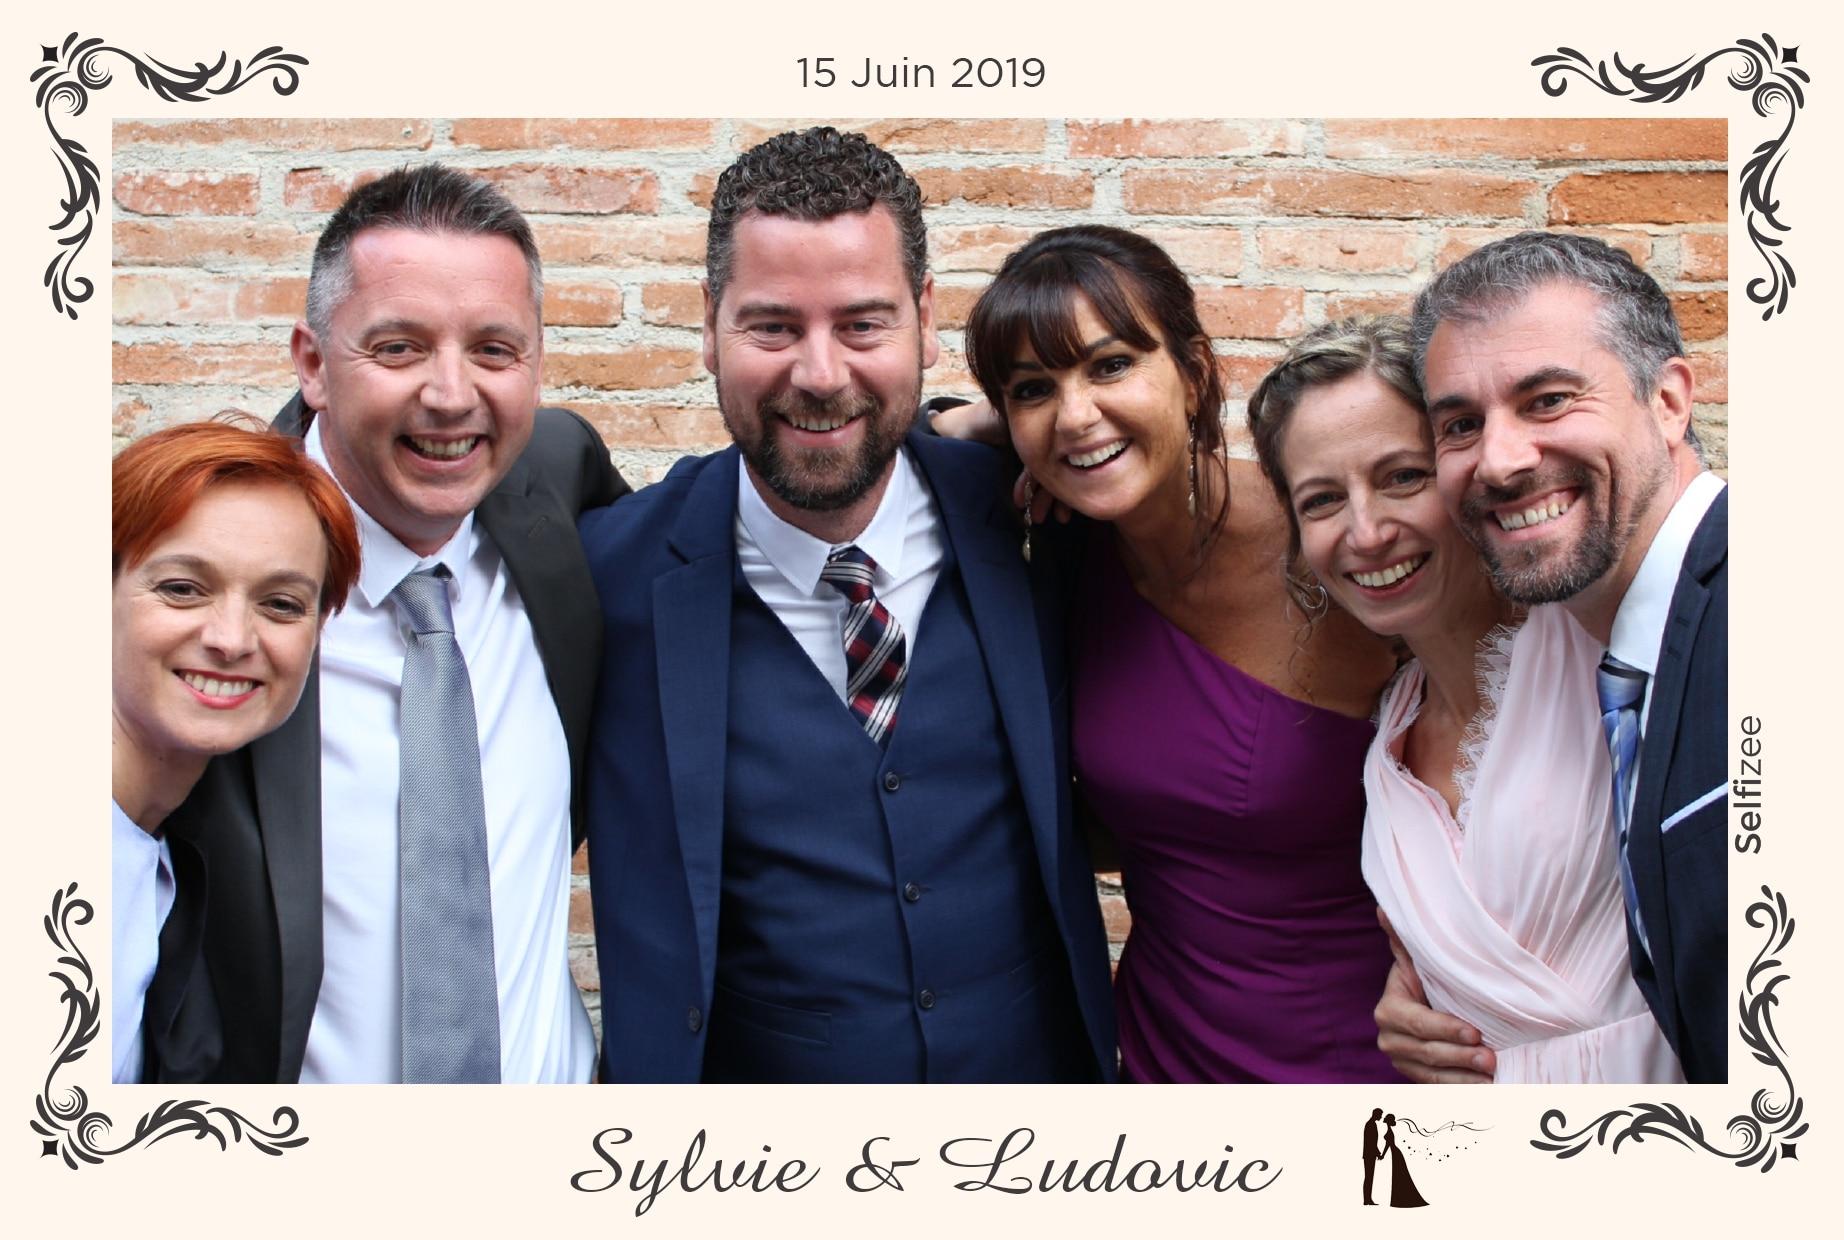 Selfie personnalisé et animation box photo mariage Toulouse - location photobooth fête, anniversaire, mariage, soirée, baptême à Toulouse et en Haute Garonne